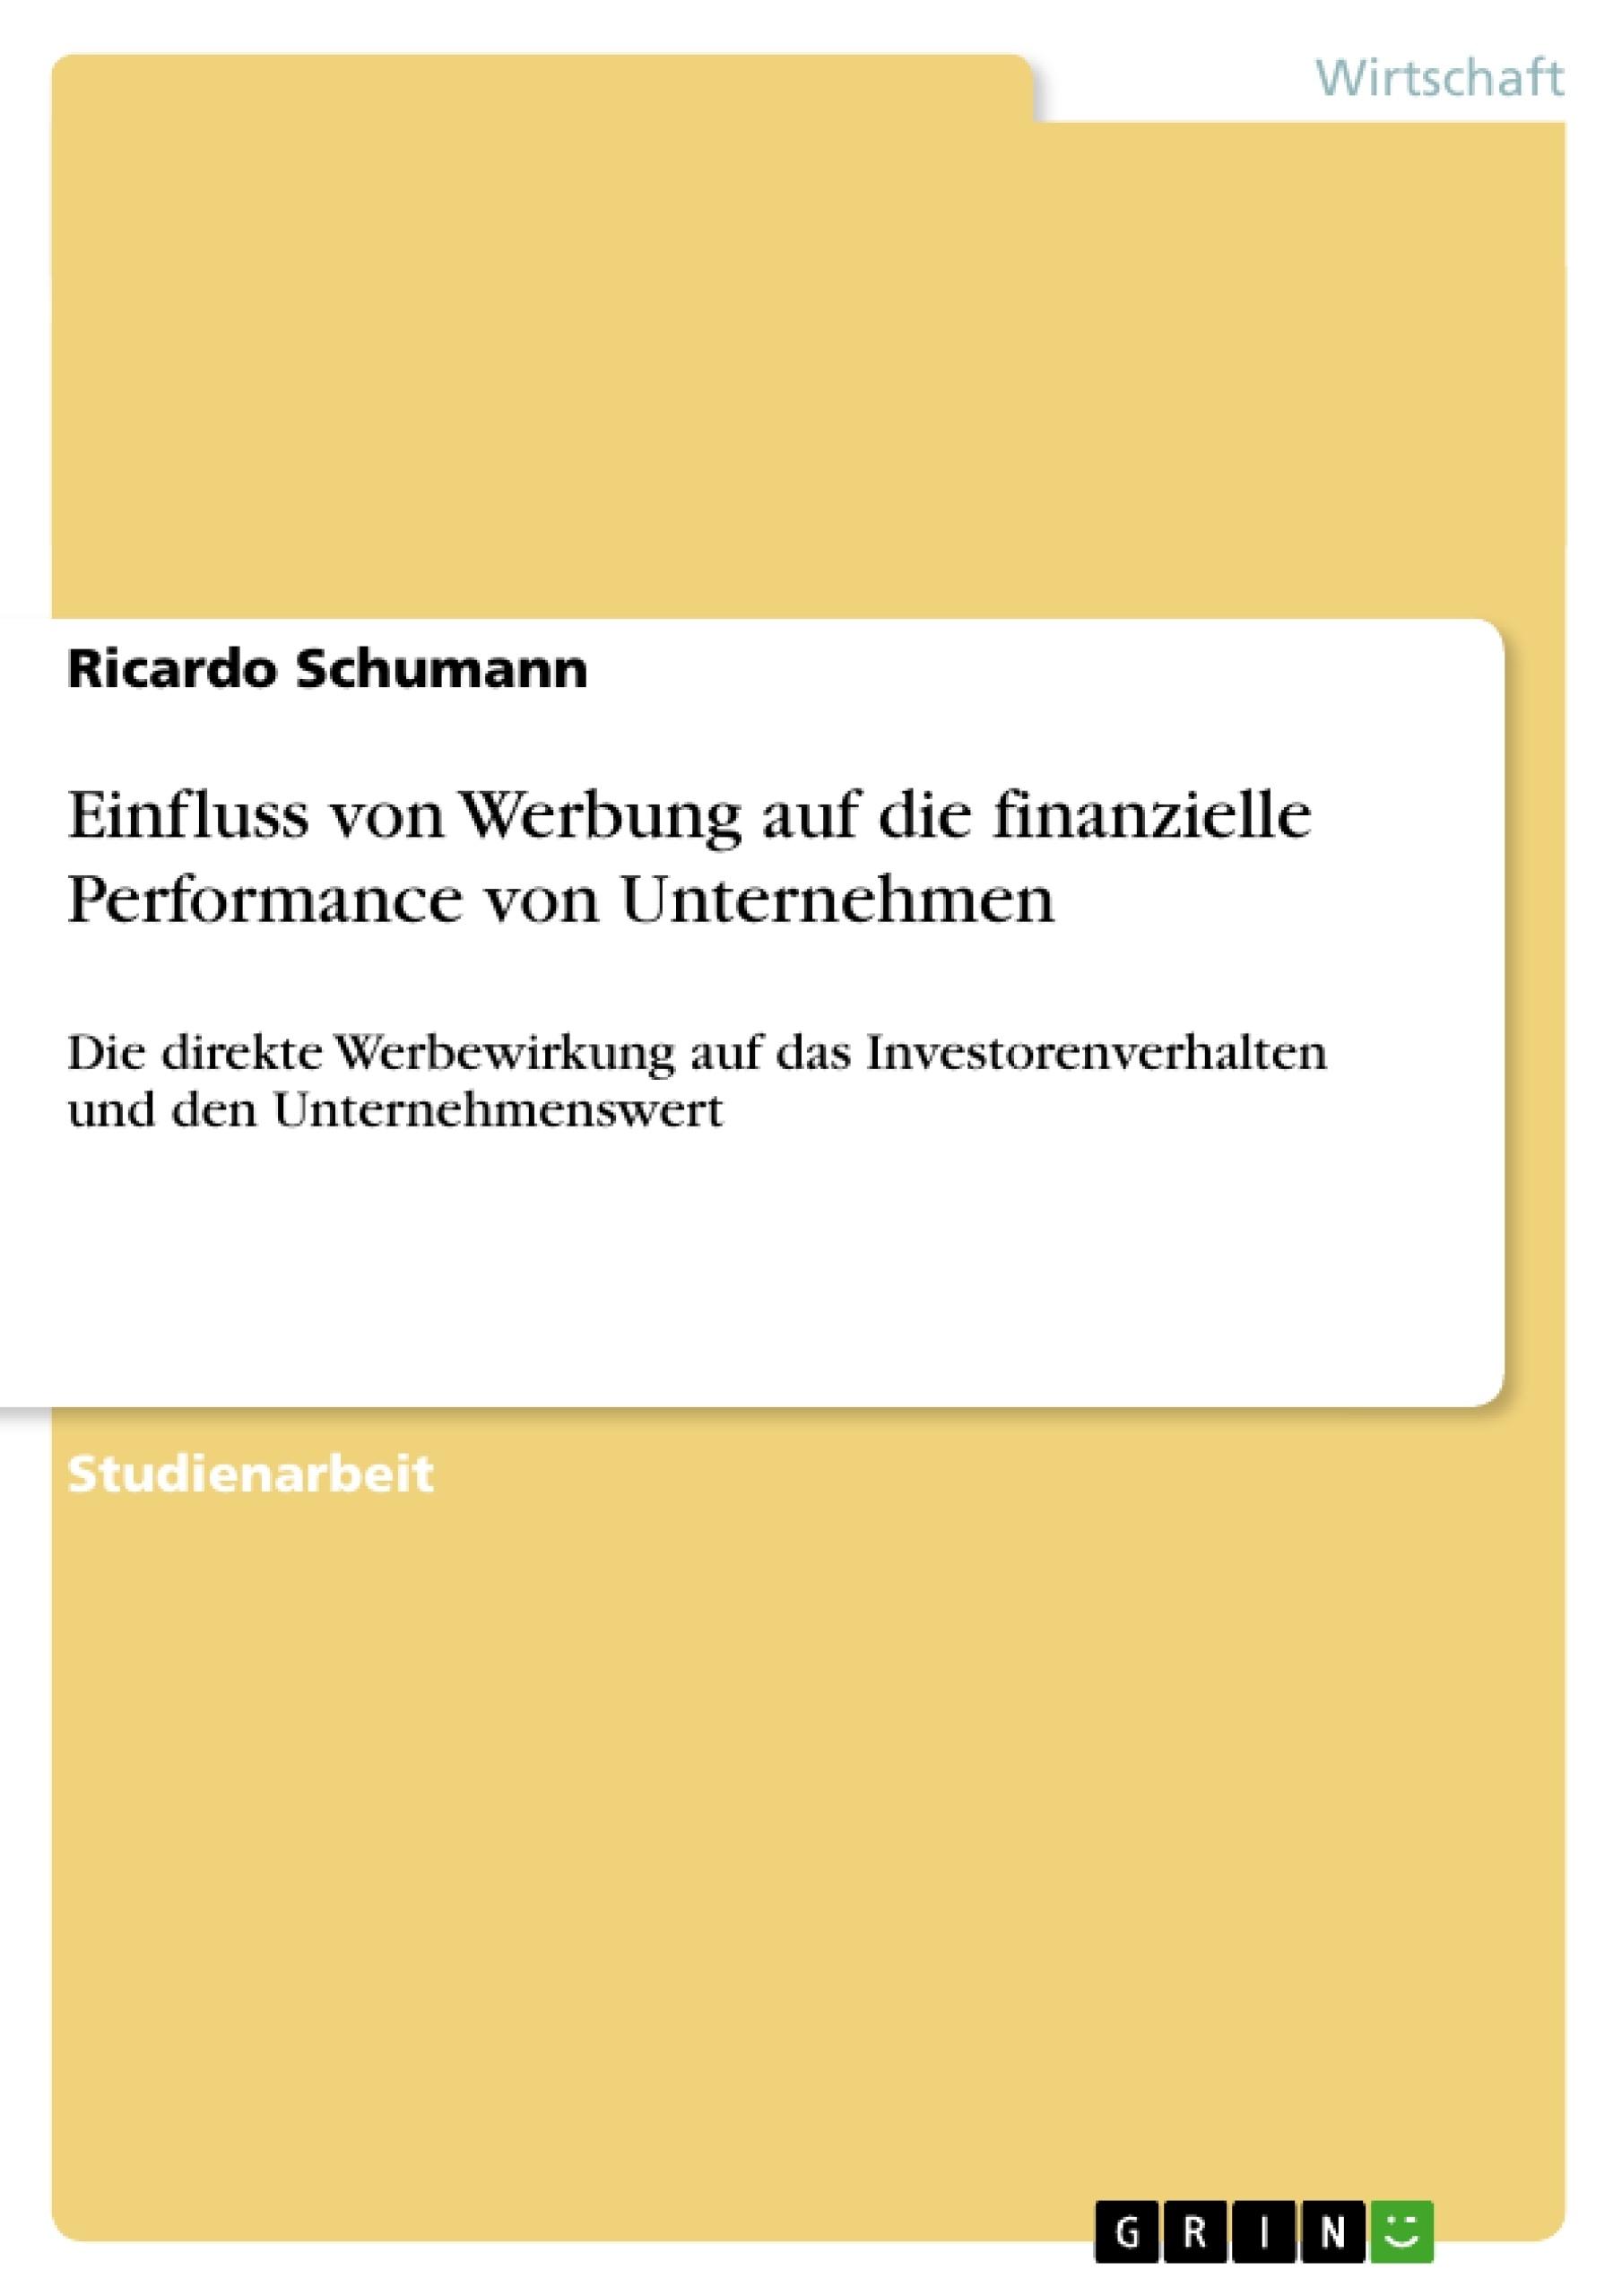 Titel: Einfluss von Werbung auf die finanzielle Performance von Unternehmen